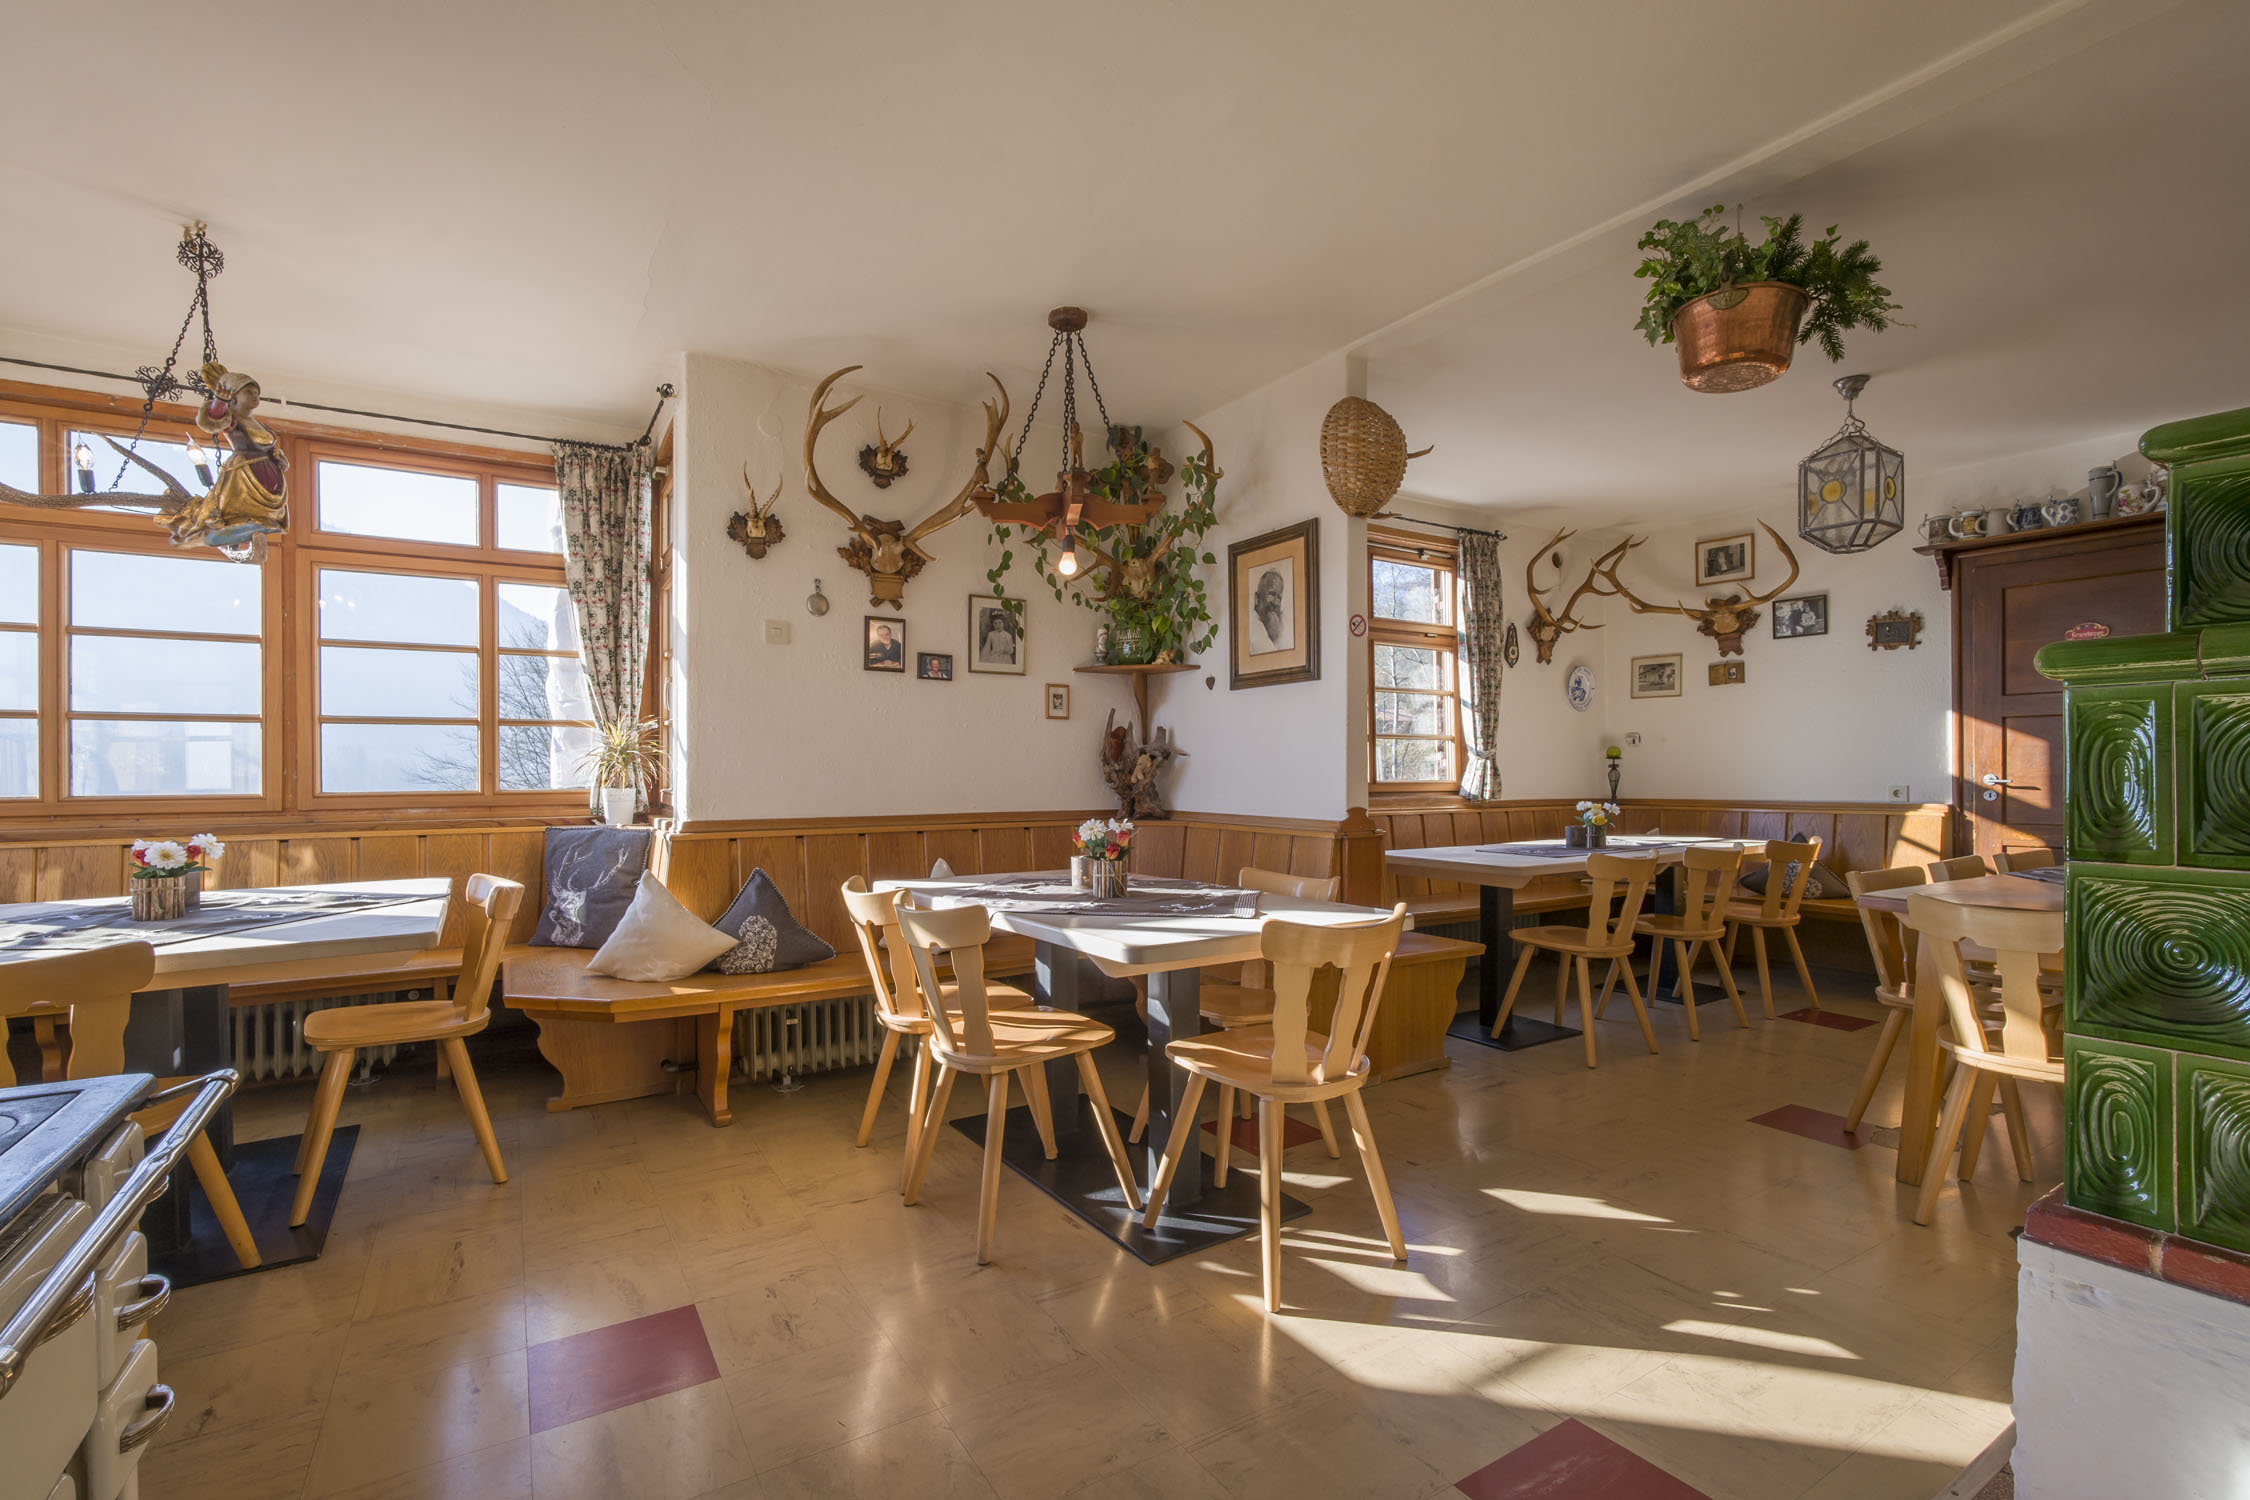 Ferienwohnung Berggasthof Hummelei (DE Oberaudorf). Ferienwohnung bis 4 Personen (711721), Oberaudorf, Chiemgau, Bayern, Deutschland, Bild 11